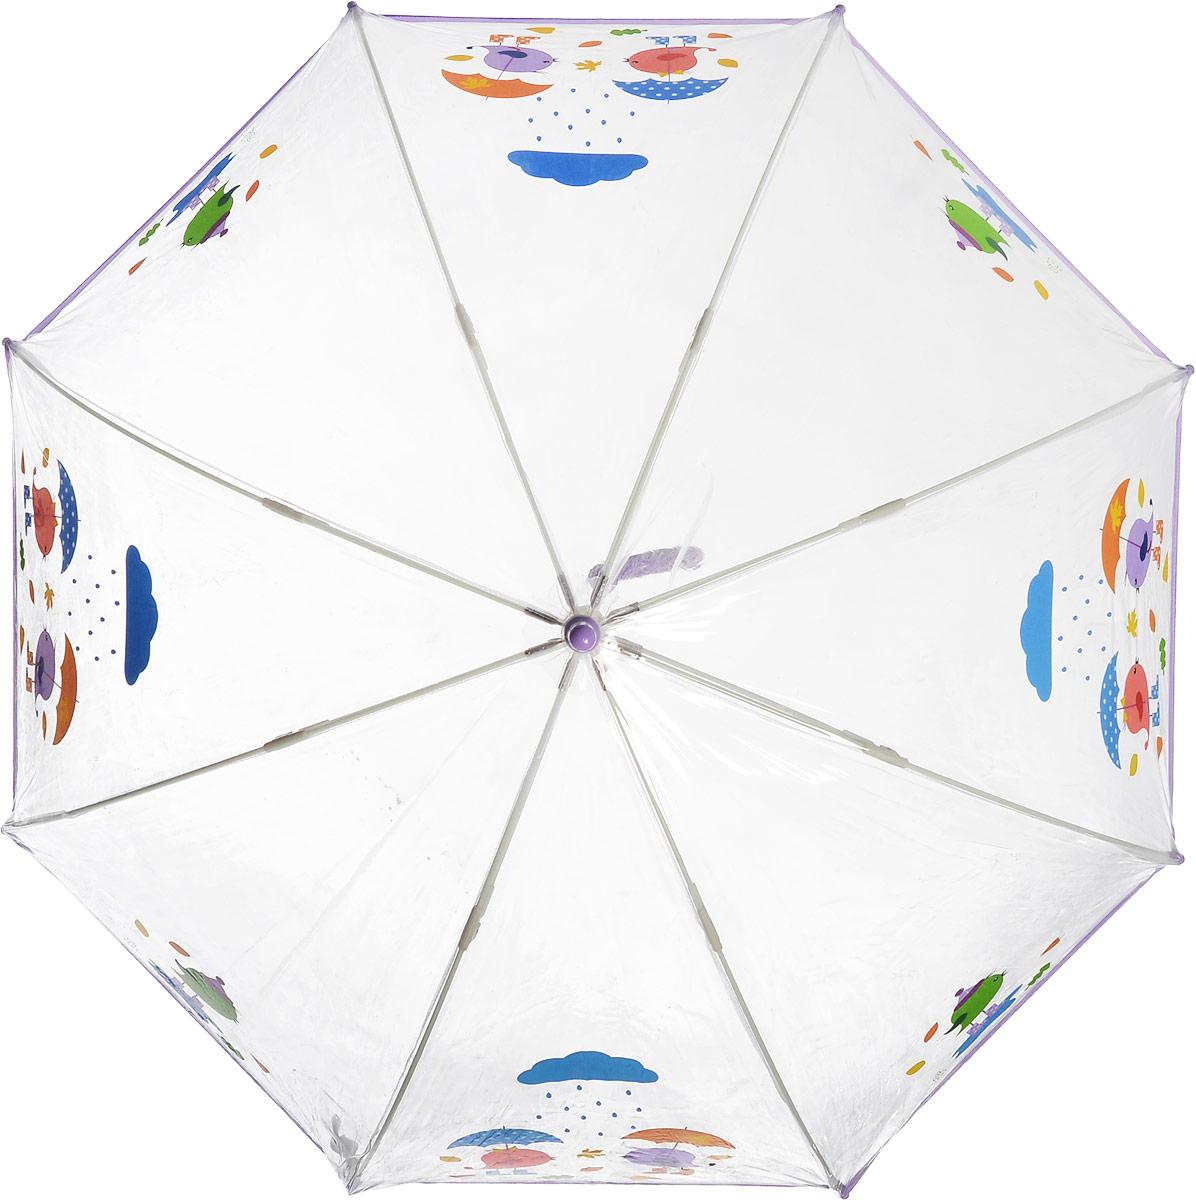 Зонт детский Zest, механический, трость, цвет: прозрачный, сиреневый. 51510-0251510-02Чудесный прозрачный зонтик с изображением красочного рисунка на прозрачном куполе. Эта очень позитивная, прочная в применении модель обязательно понравится Вашему ребенку.